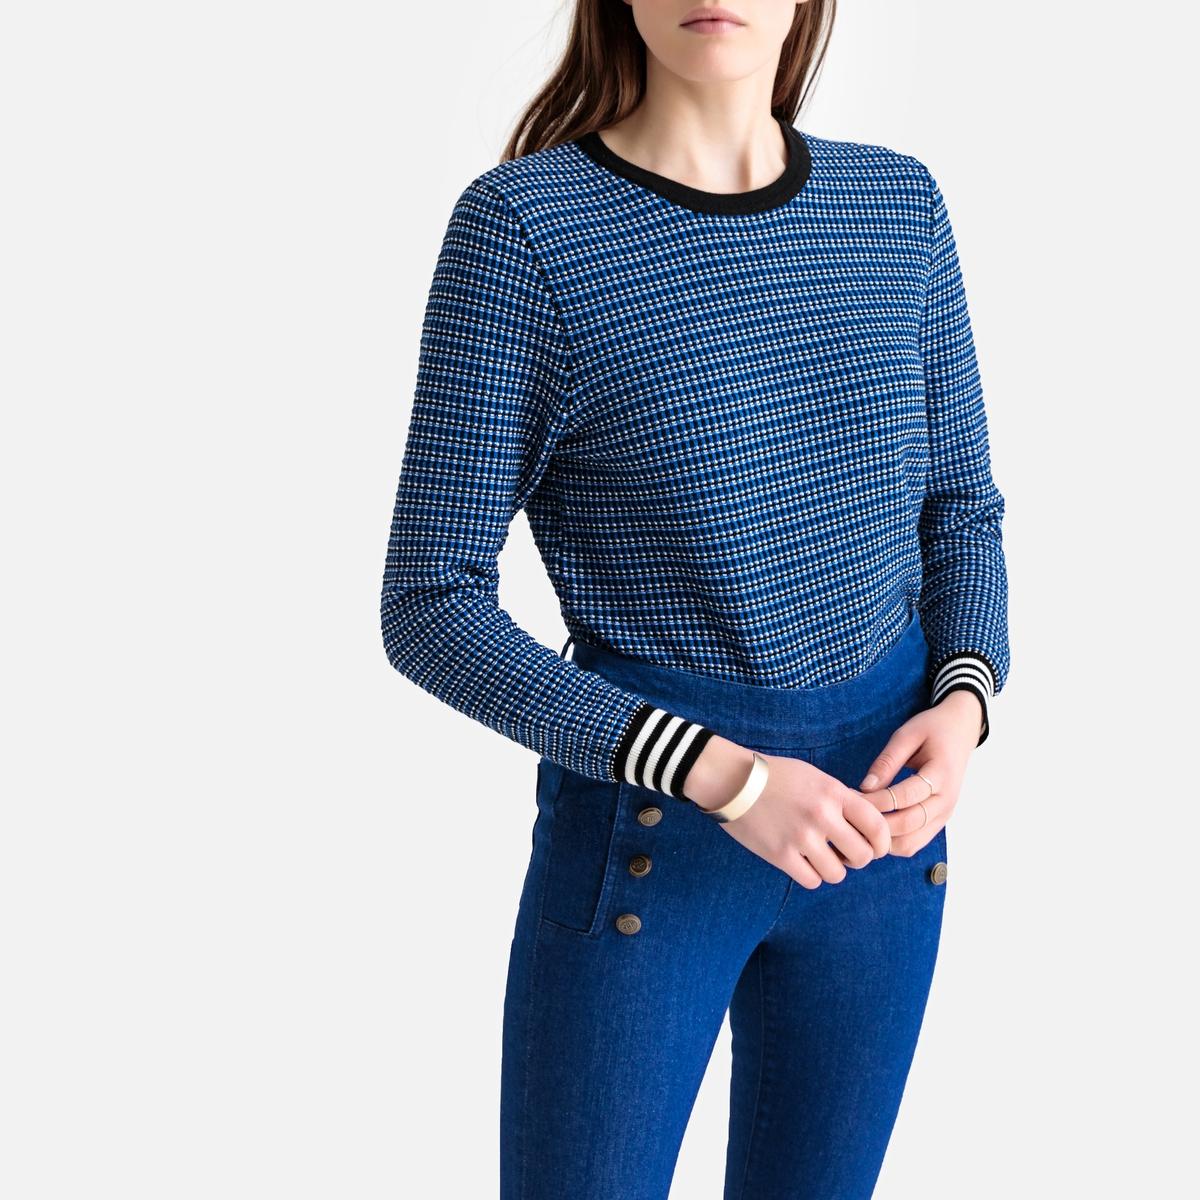 Пуловер La Redoute С круглым вырезом из тонкого жаккардового трикотажа M синий пуловер la redoute с круглым вырезом из шерсти мериноса pascal 3xl черный